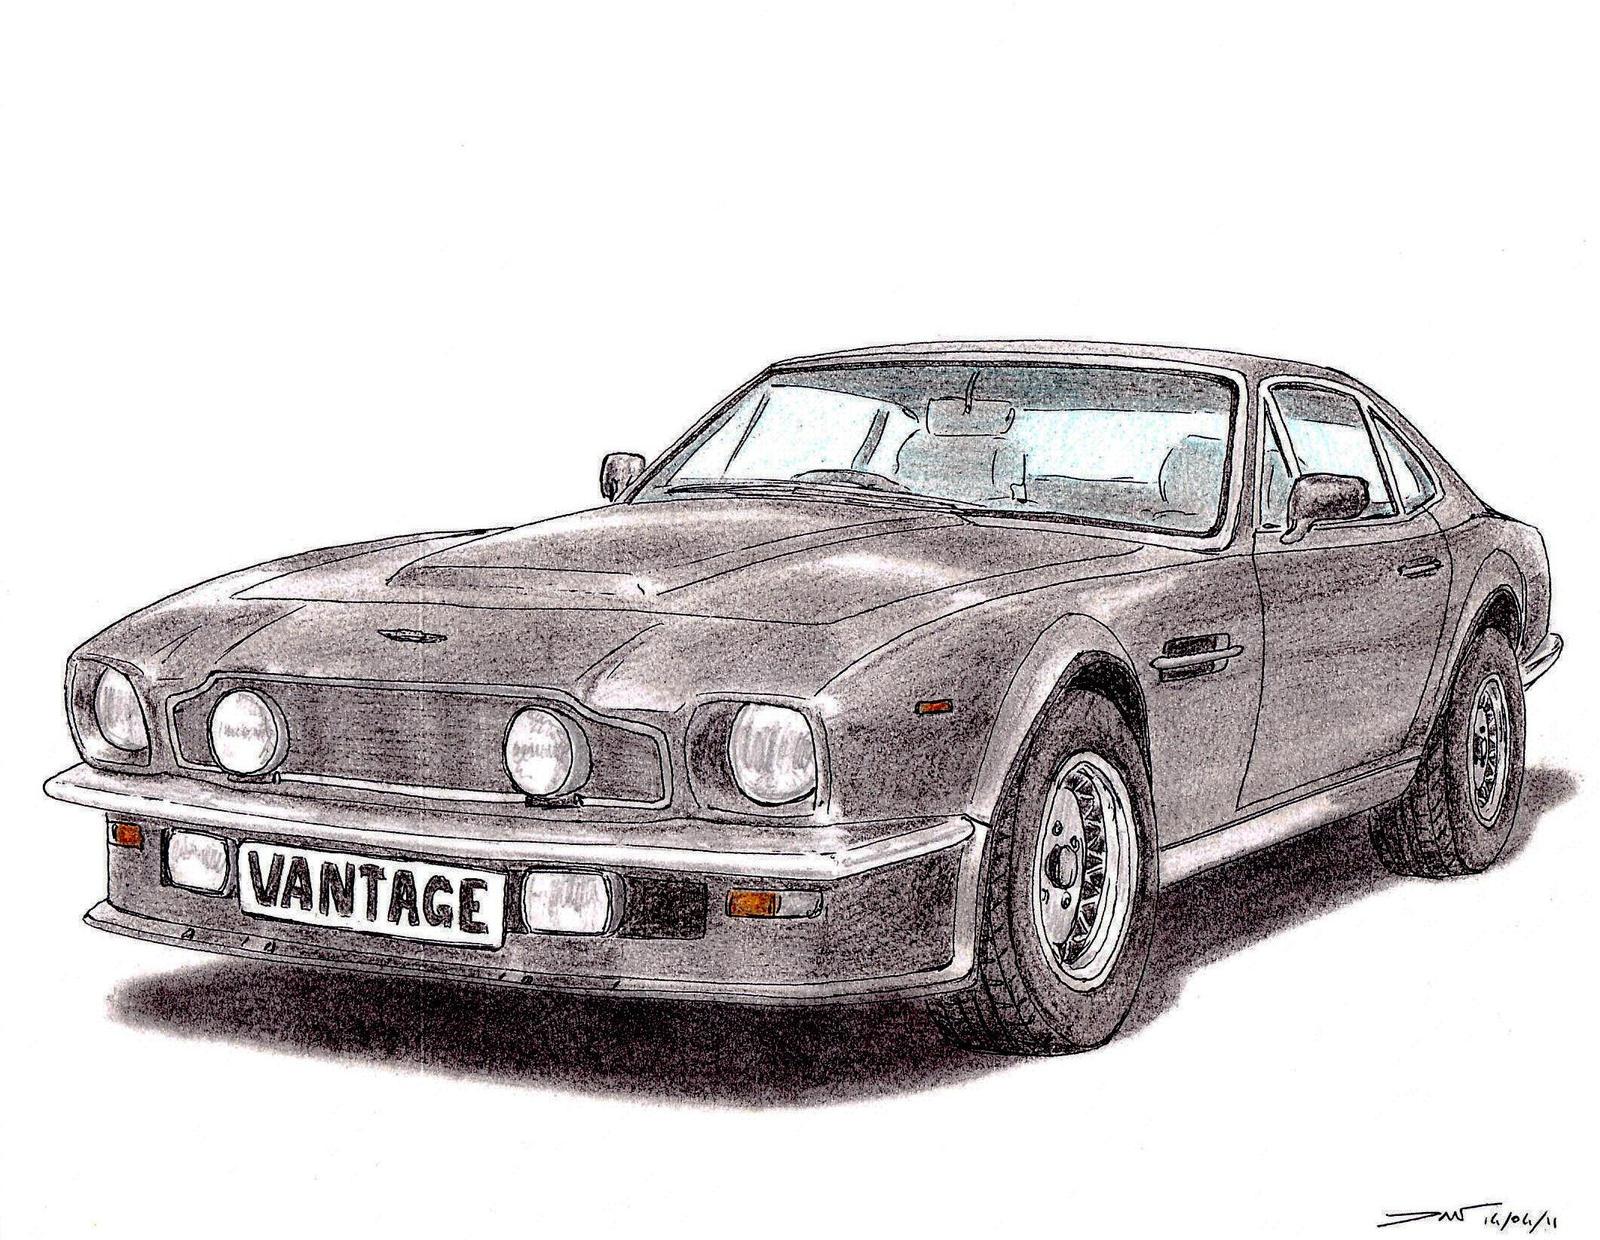 1984 Aston Martin V8 Vantage By Twistedmethoddan On Deviantart